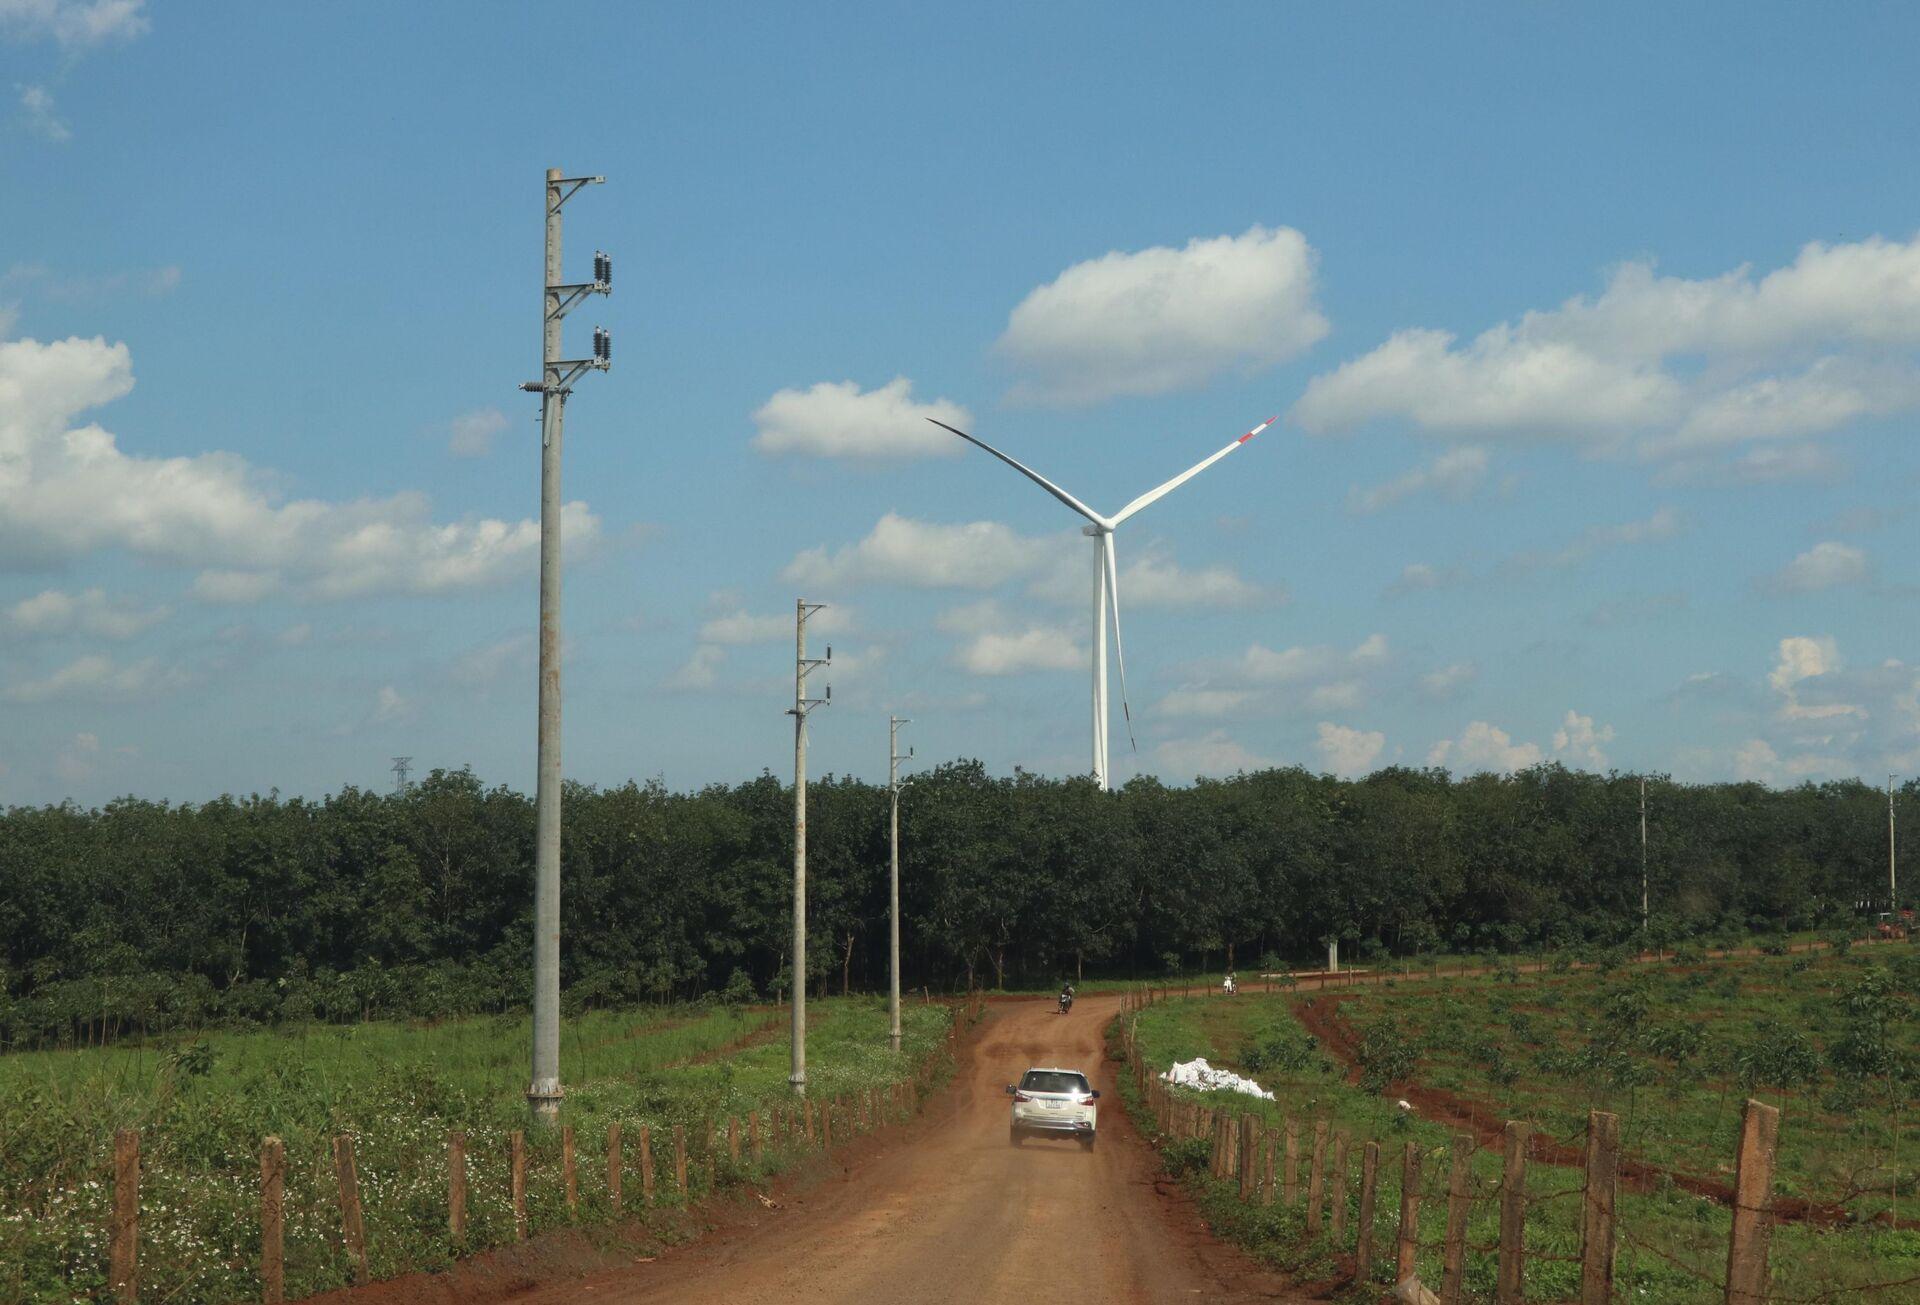 Những dự án điện gió với kỳ vọng thúc đẩy phát triển kinh tế - xã hội - du lịch cho Gia Lai - Sputnik Việt Nam, 1920, 05.10.2021